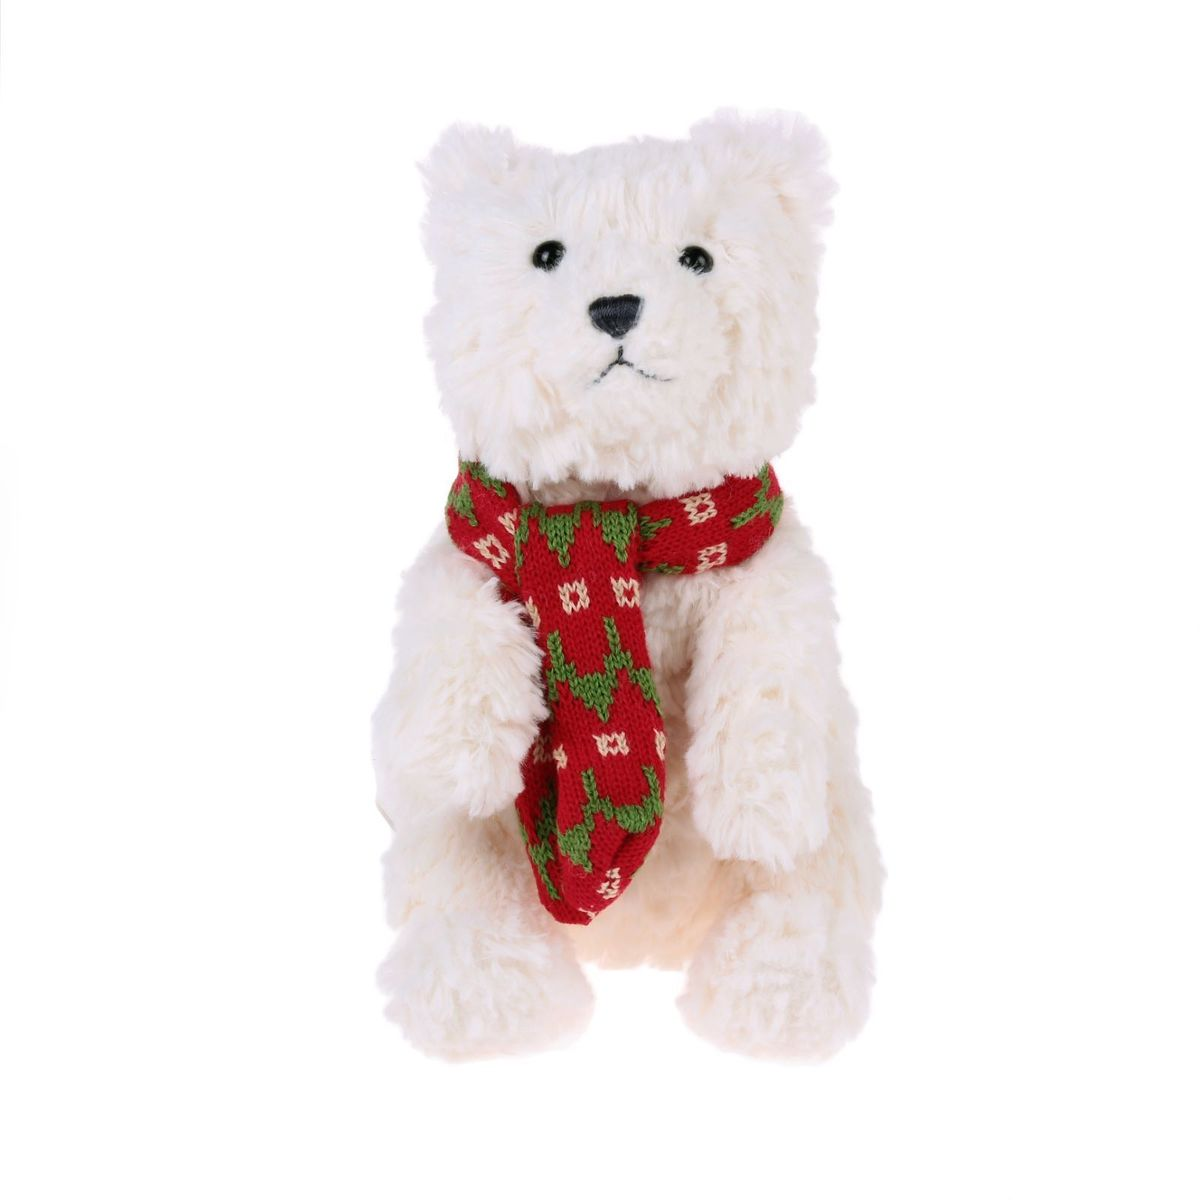 Gund Мягкая игрушка Медведь полярный Bluster Small 30, 5 см 2245496, Сима-ленд, Мягкие игрушки  - купить со скидкой